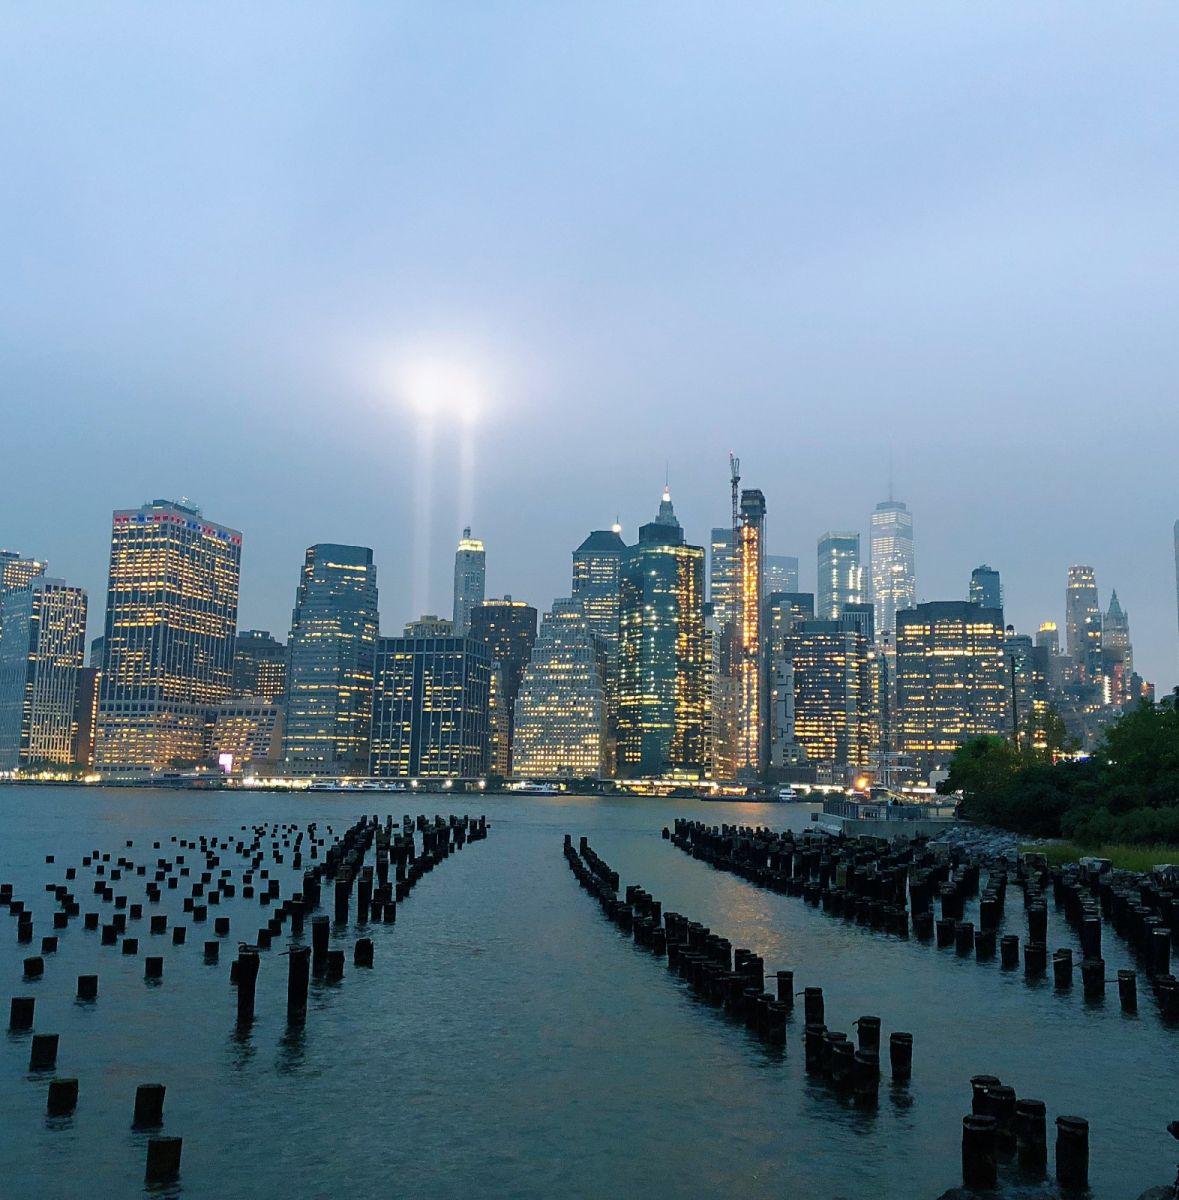 【田螺手机摄影】拍摄灯柱纪念911恐襲17周年_图1-16